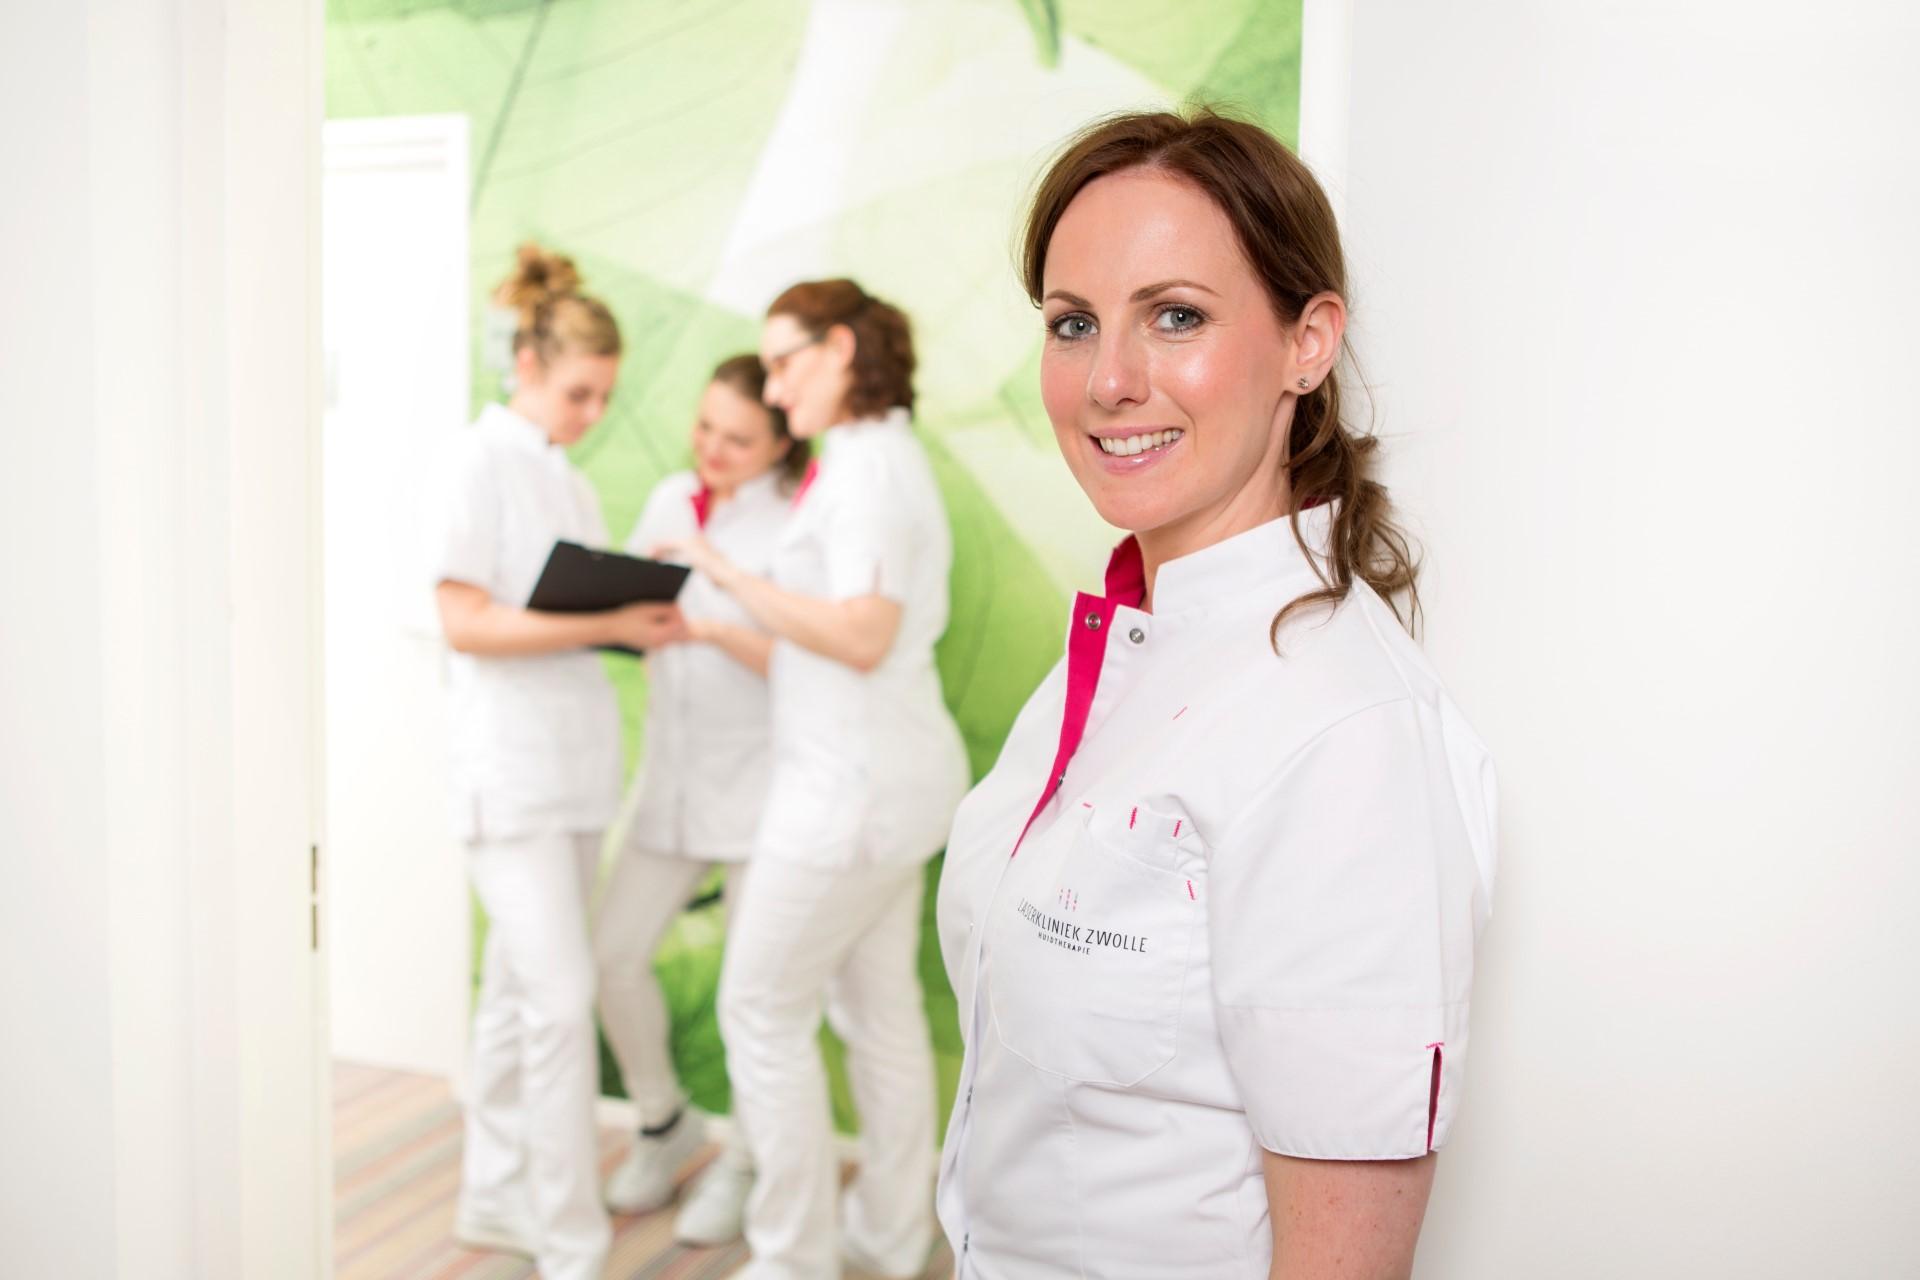 Laserkliniek Zwolle informeert #editie 5 | Zo knoeien hormonen met je huid! 👶 😱